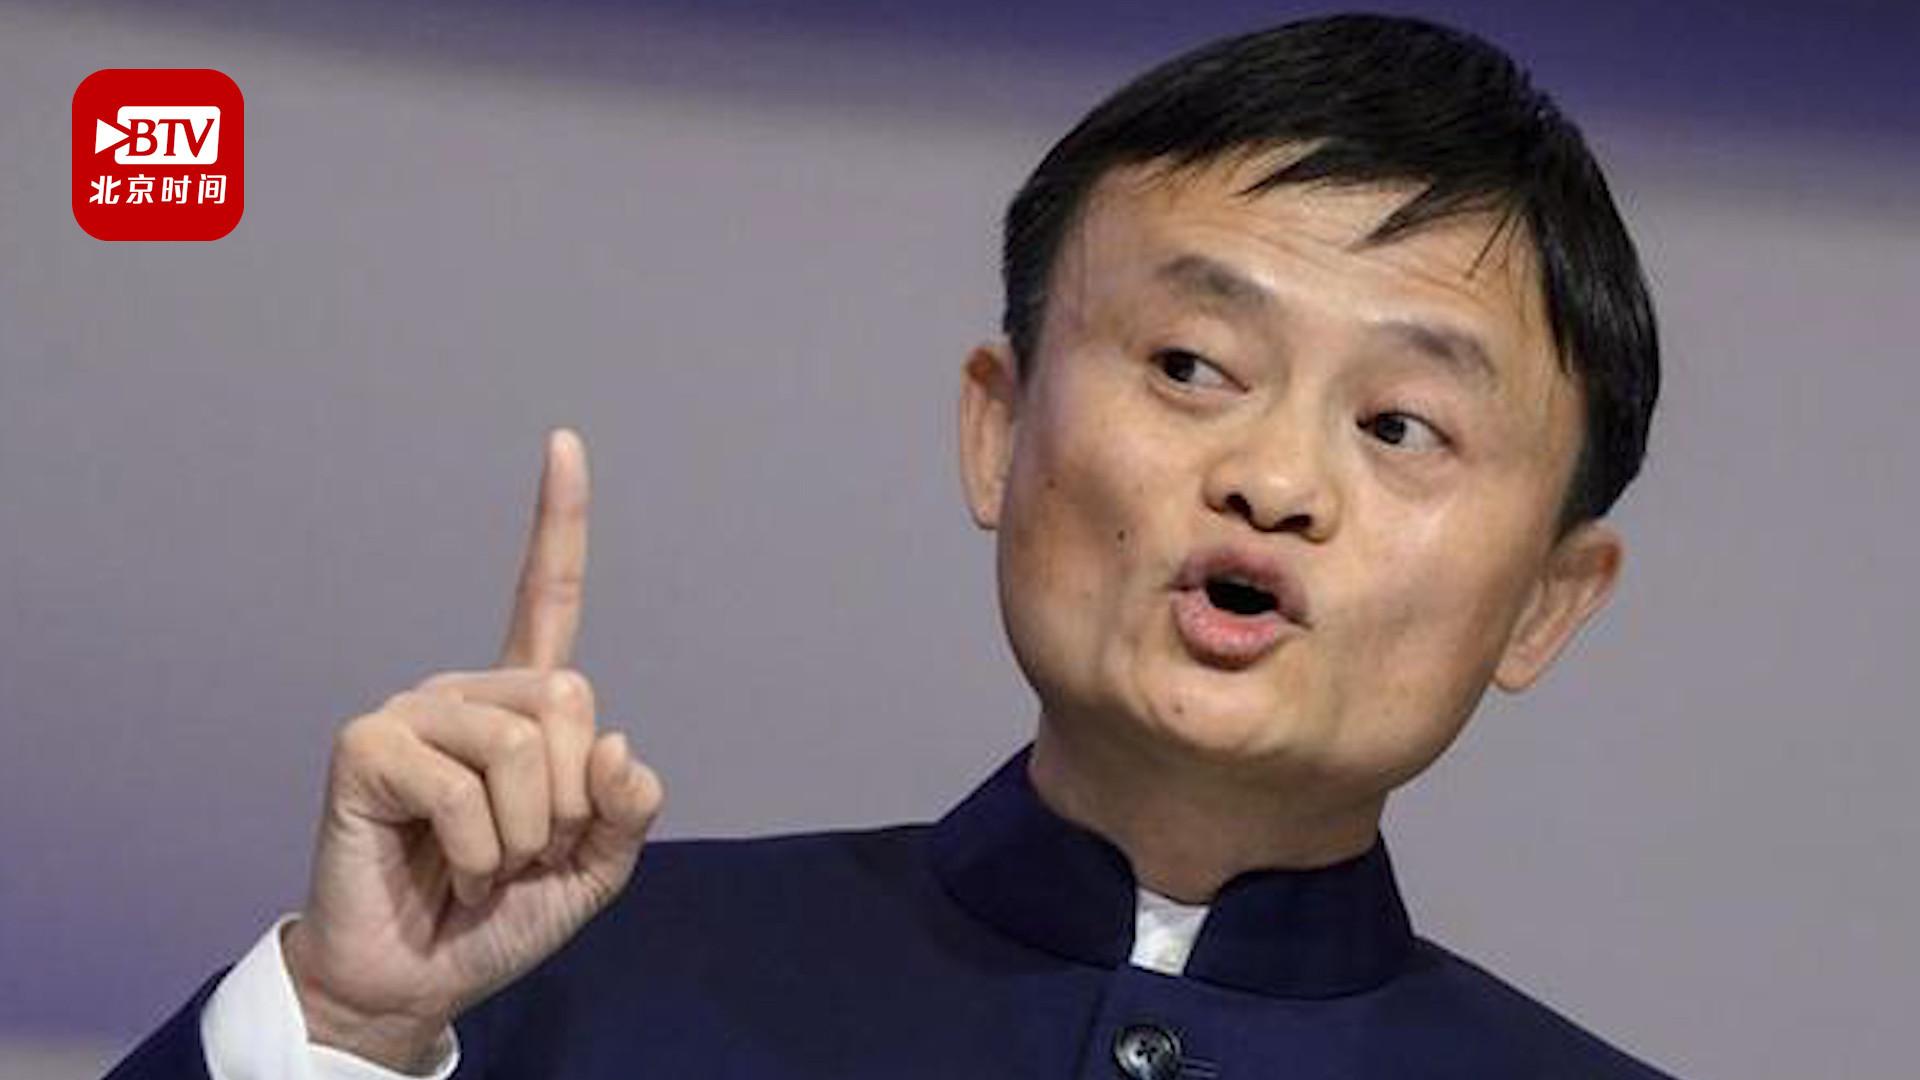 马云称中国包裹占全球一半 已超过600亿件 你贡献了多少?